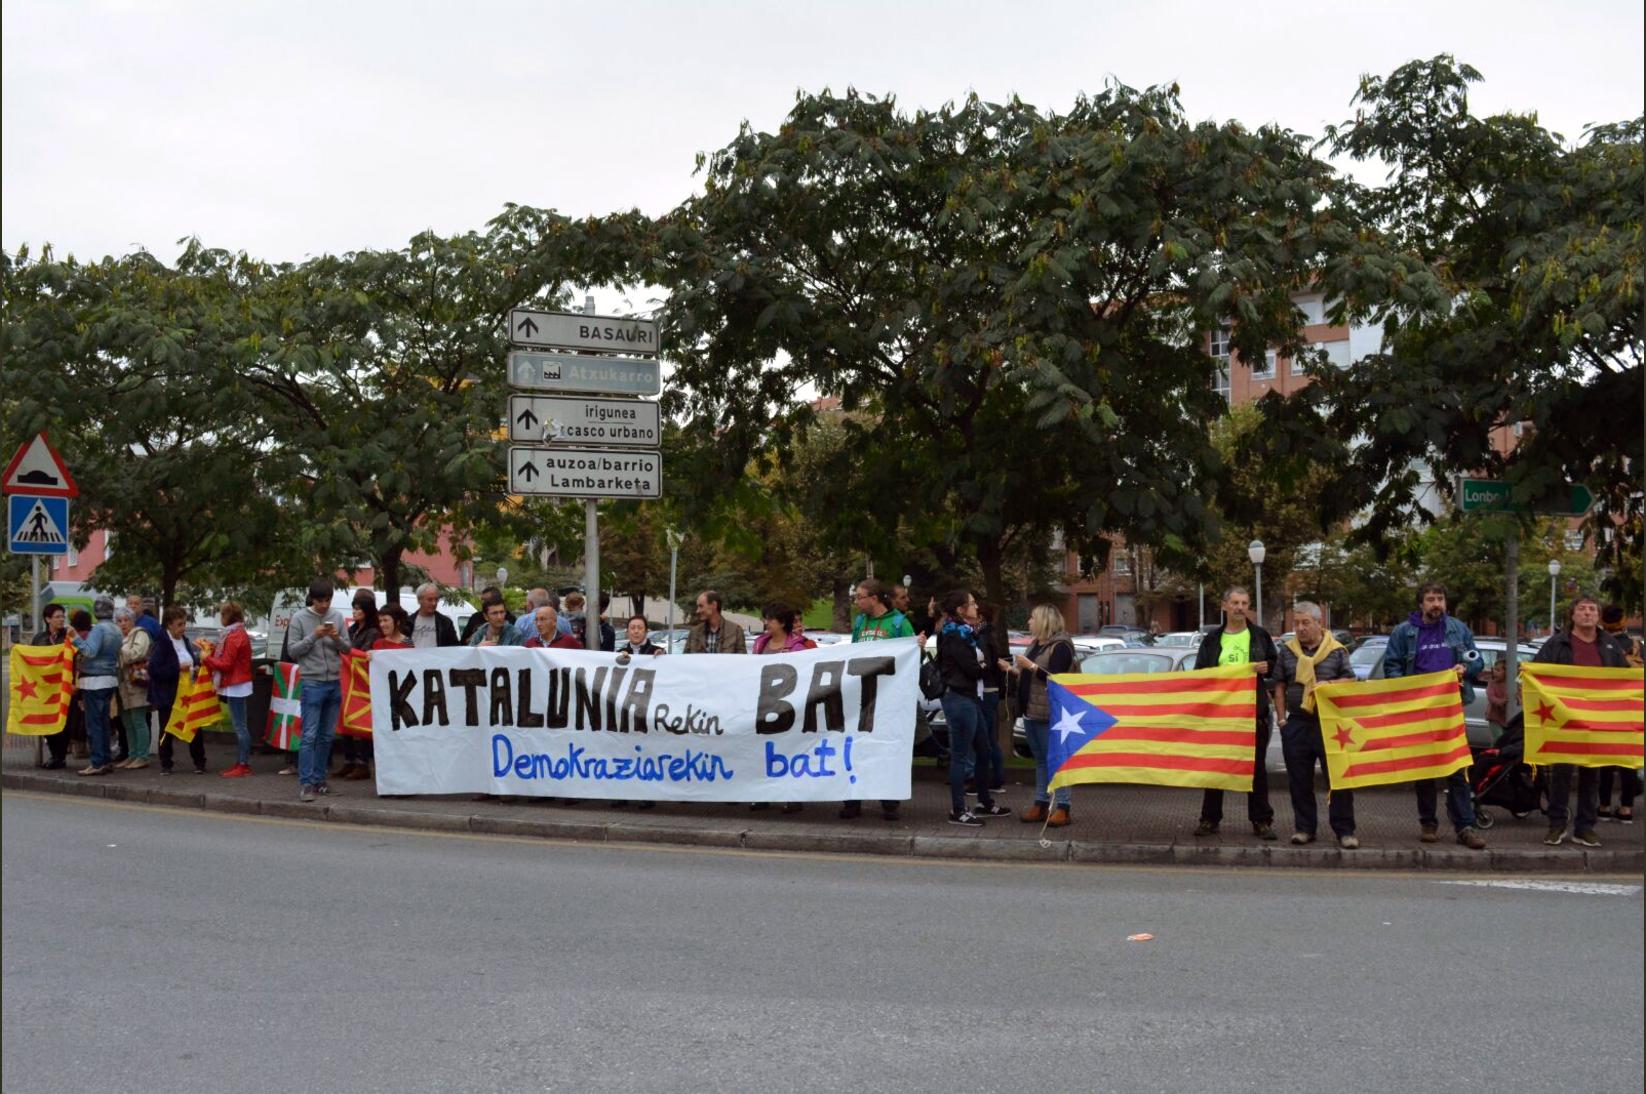 arrigorriaga kataluniarekin bat 2017 kontzentrazioa 1